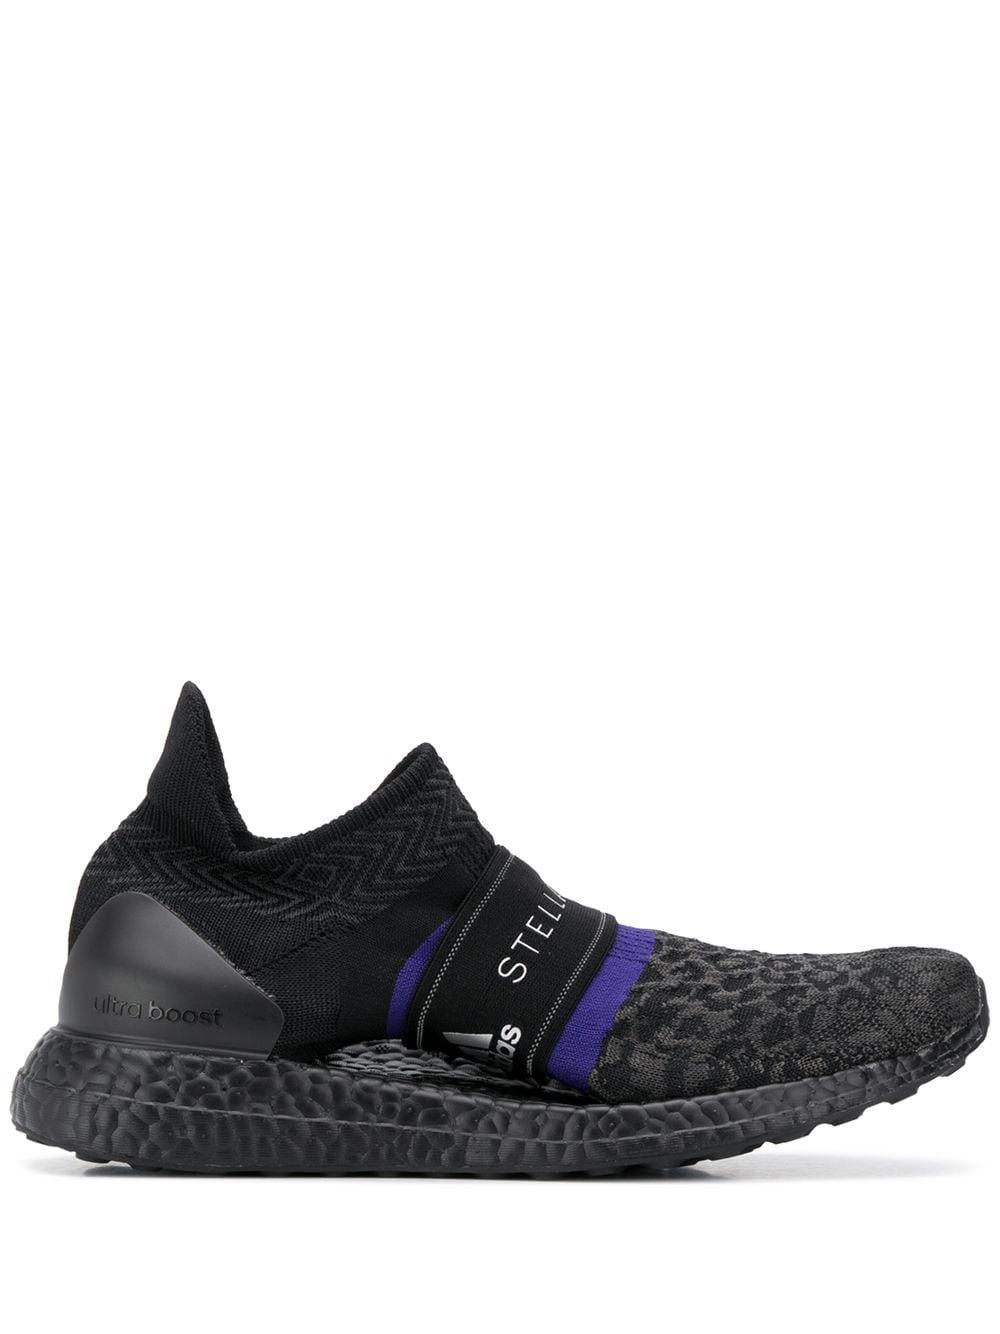 Ultraboost X 3 D. Sneakers